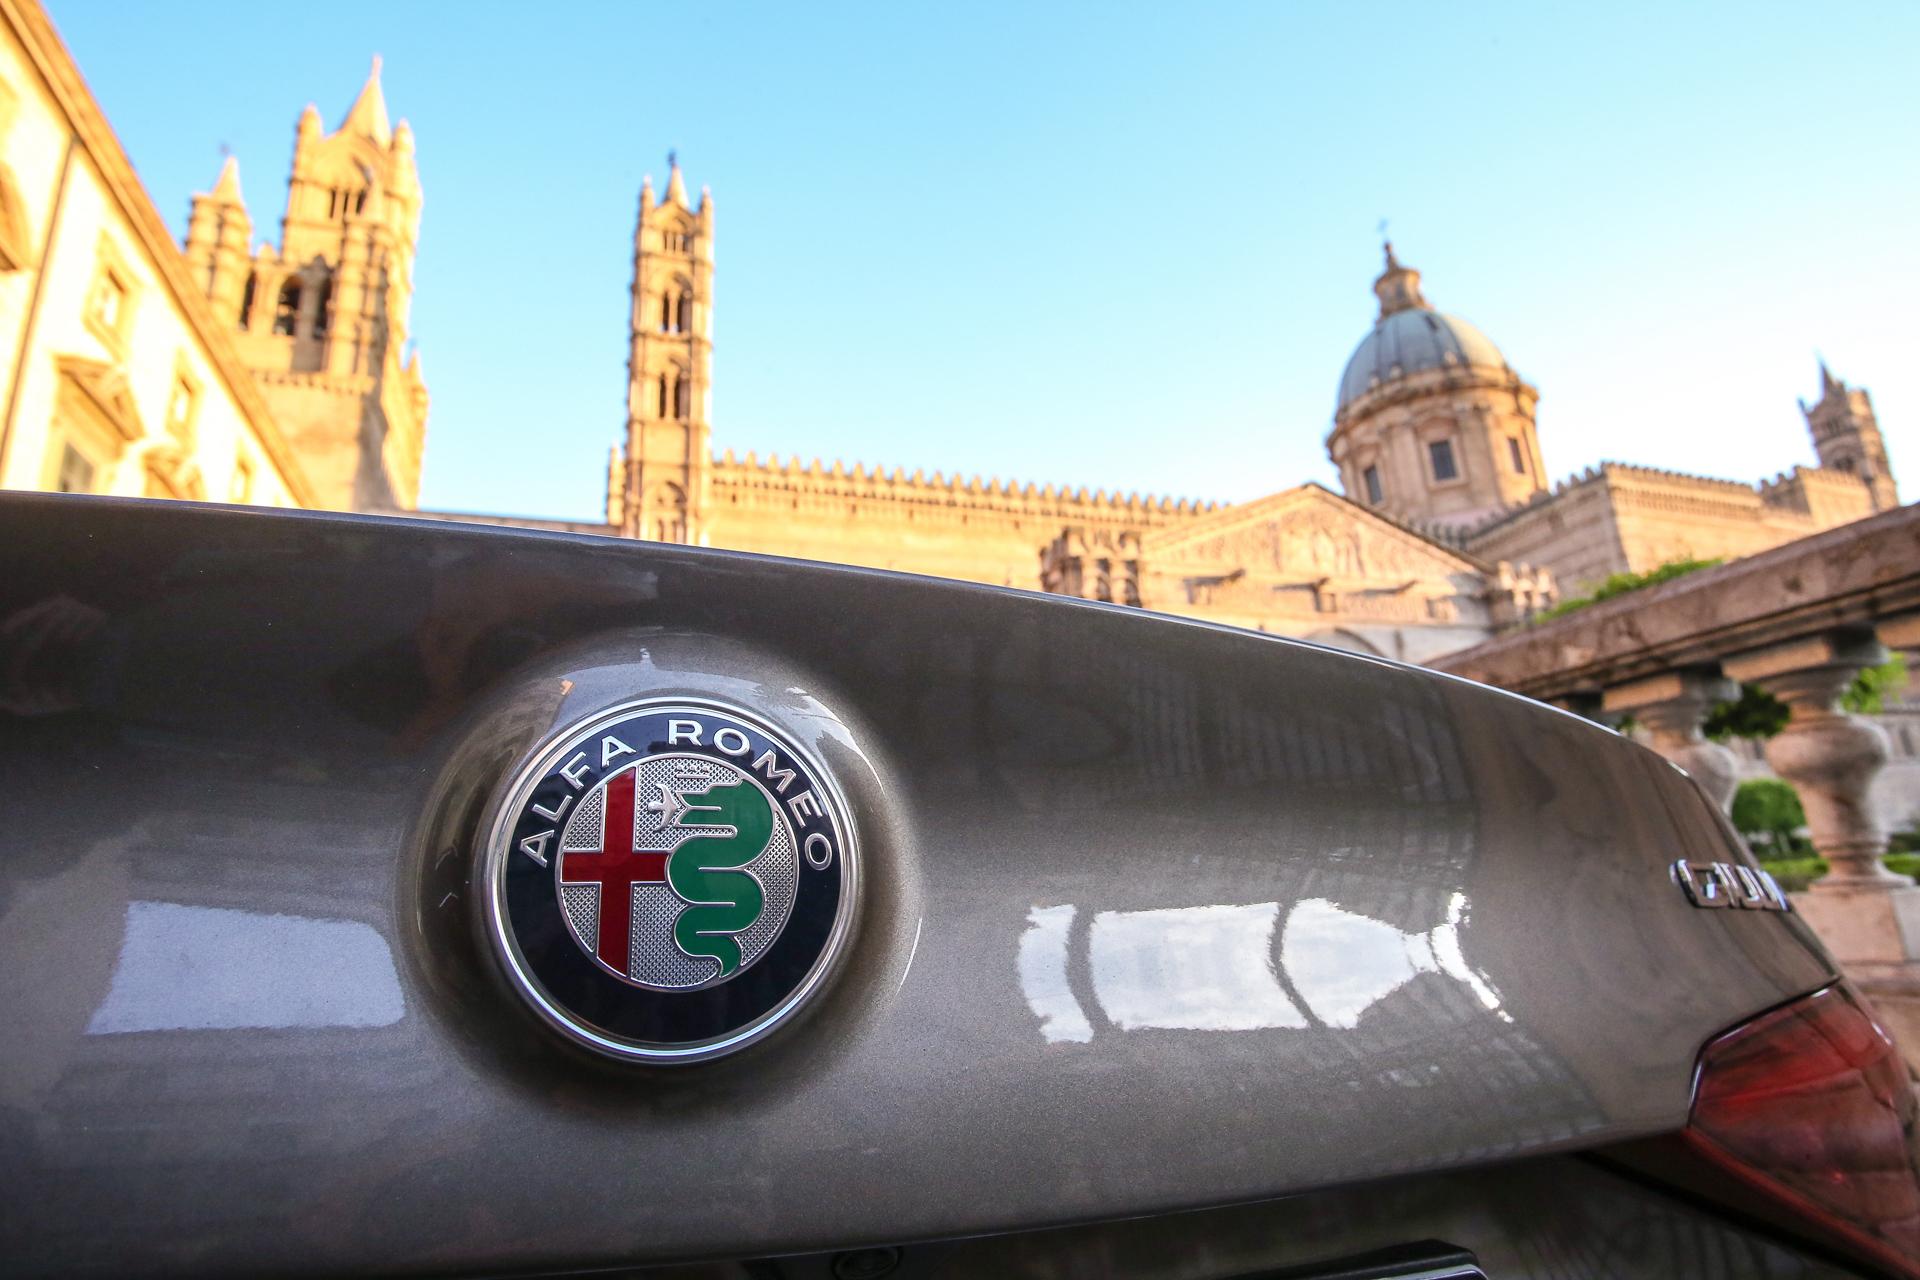 170420_Alfa-Romeo_Artigianato_04.jpg